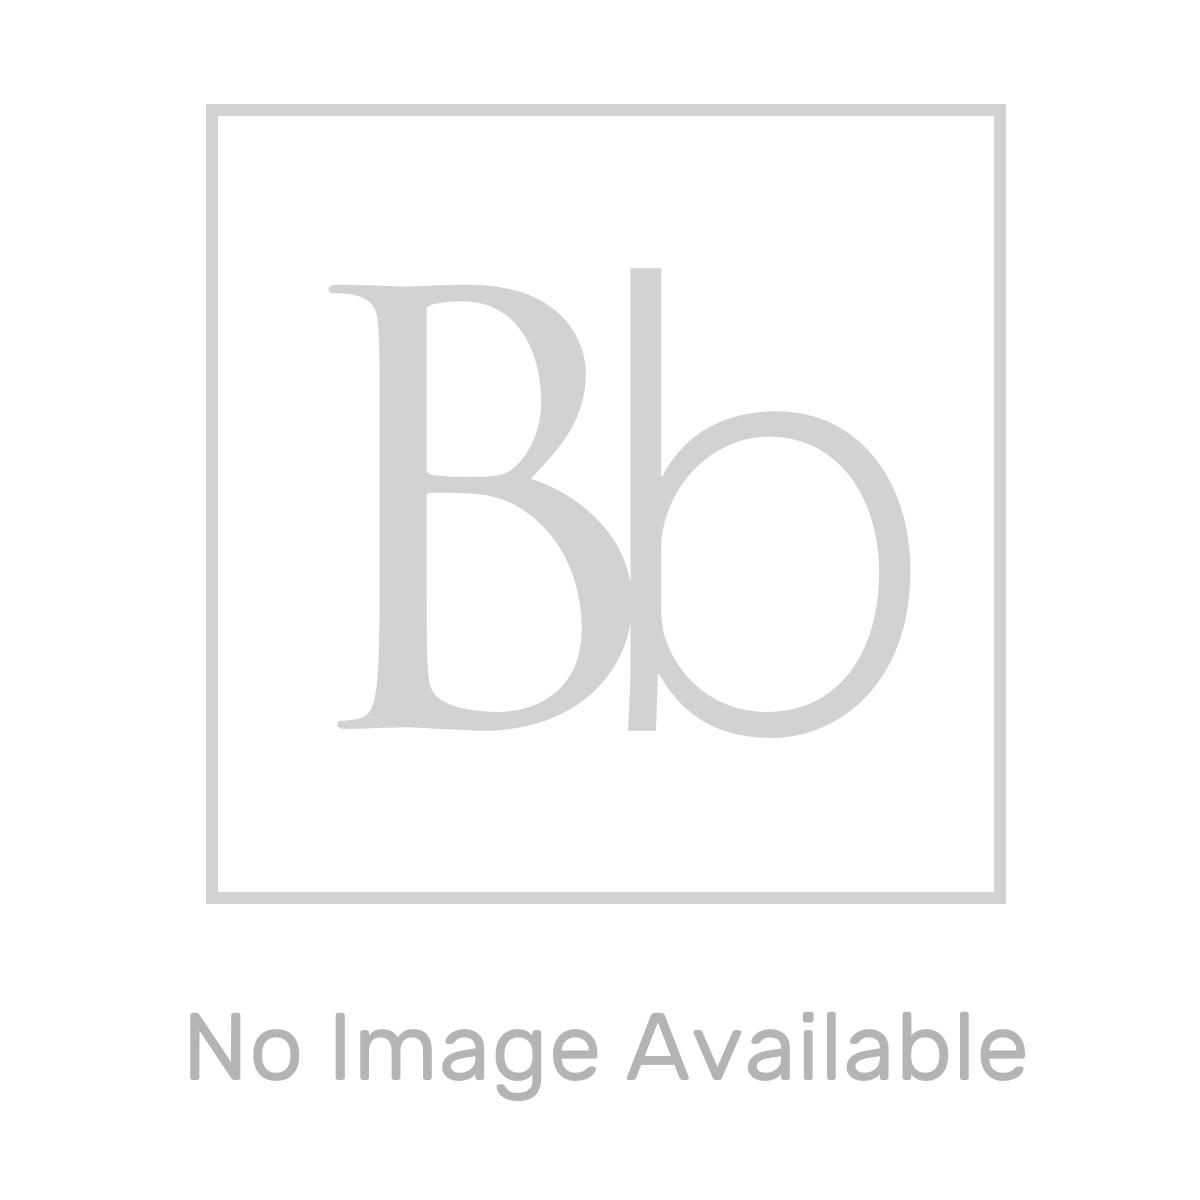 RAK Surface Matt Sand Tile 300 x 600mm